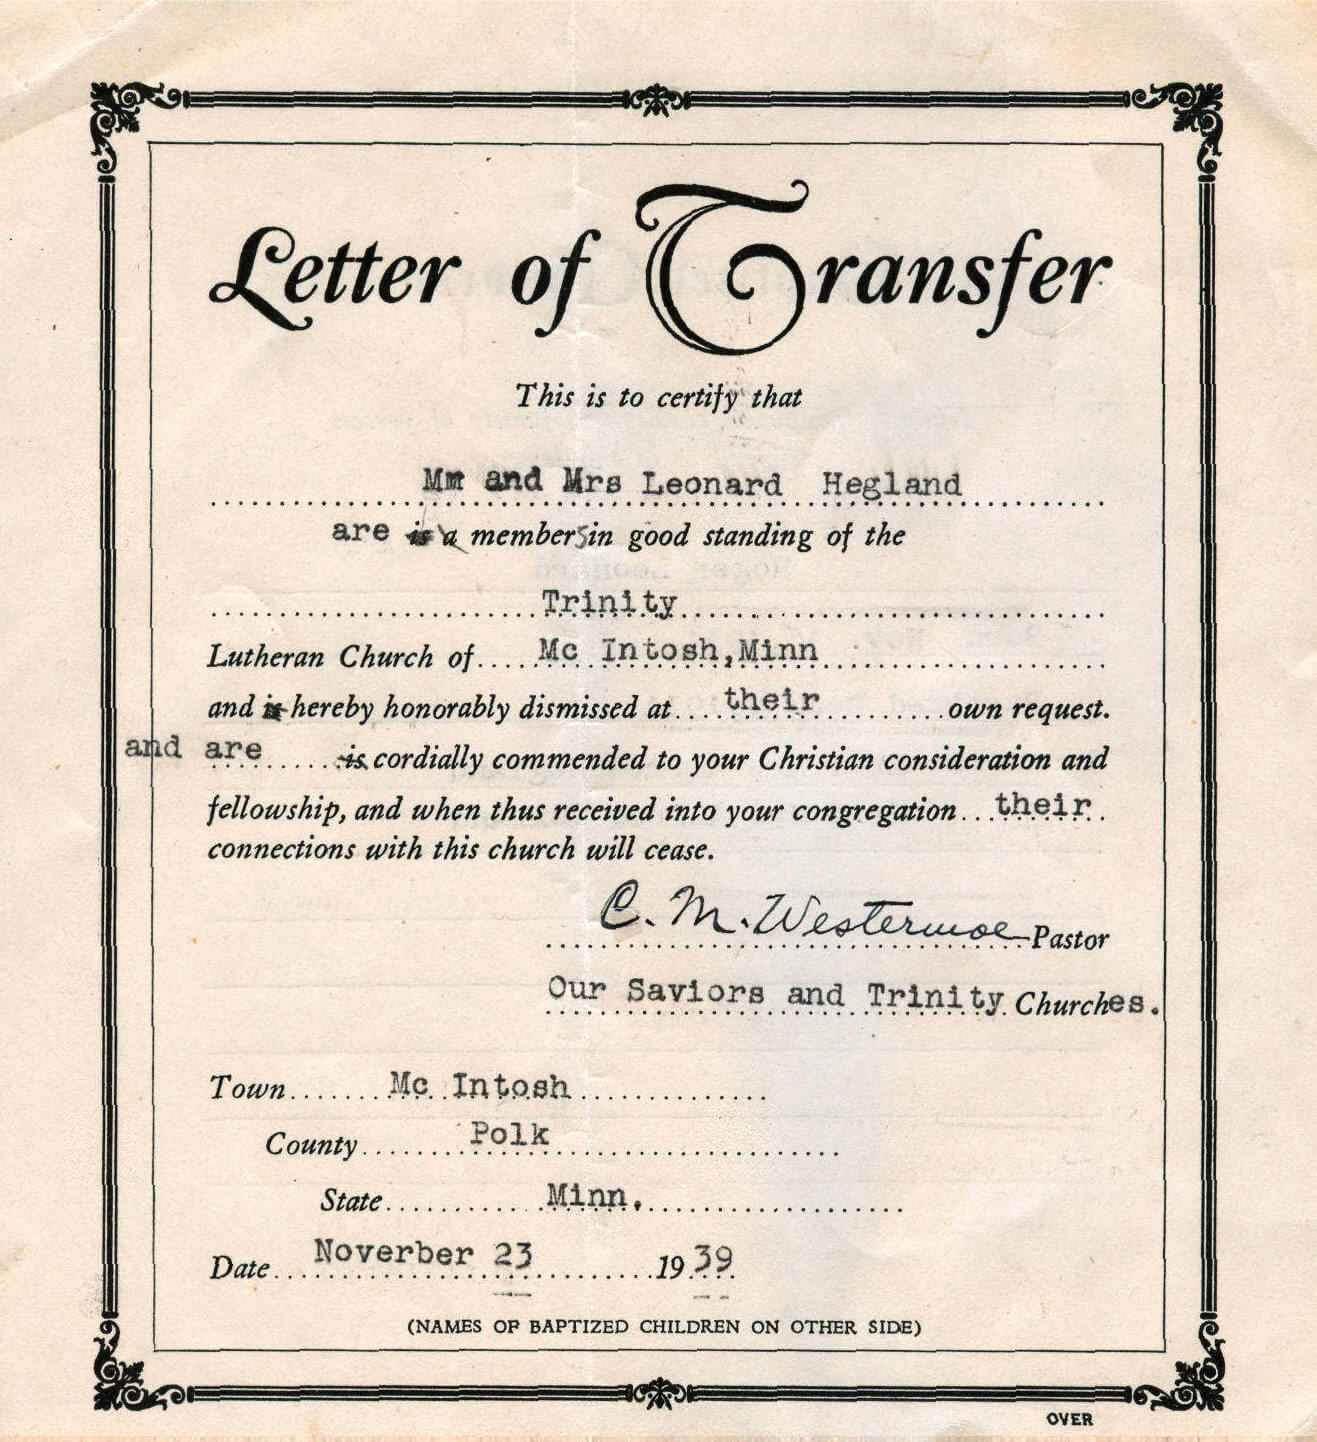 Sample Application For School Leaving Certificate With Regard To School Leaving Certificate Template